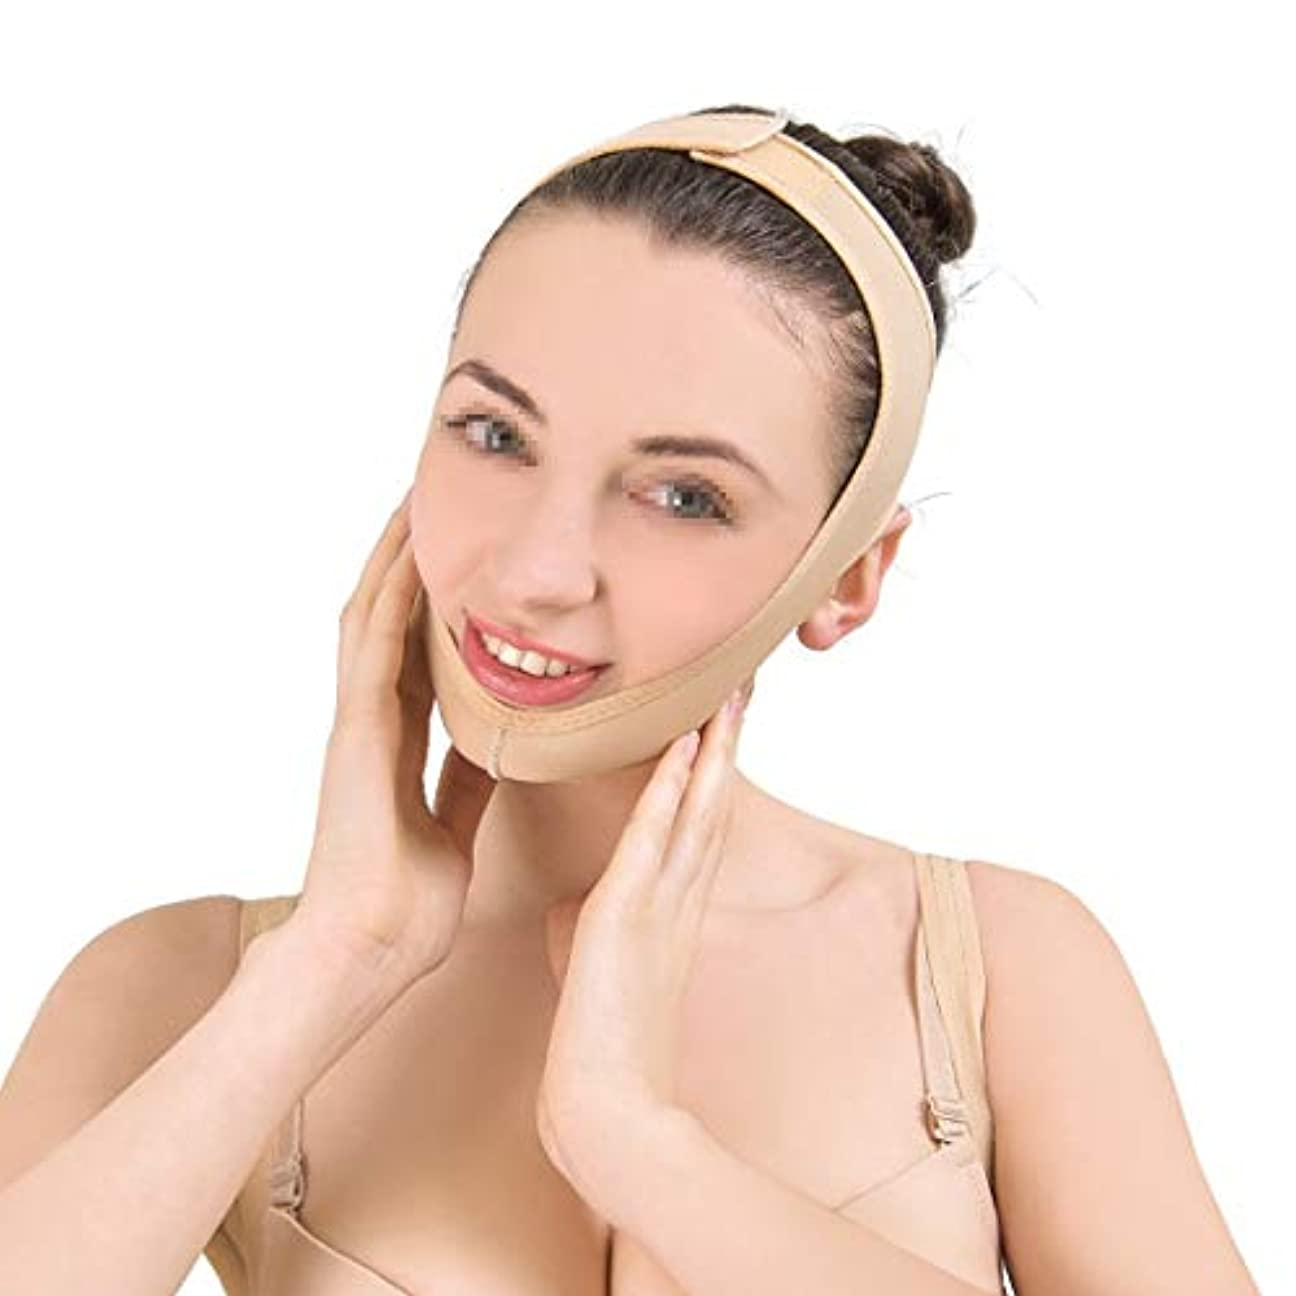 極めてサバント不満ZWBD フェイスマスク, フェイシャル痩身フェイシャルマスクリフティングベルトで肌の包帯を引き締め、Vフェイスライン包帯のダブルチンケア減量ベルトを強化 (Size : M)